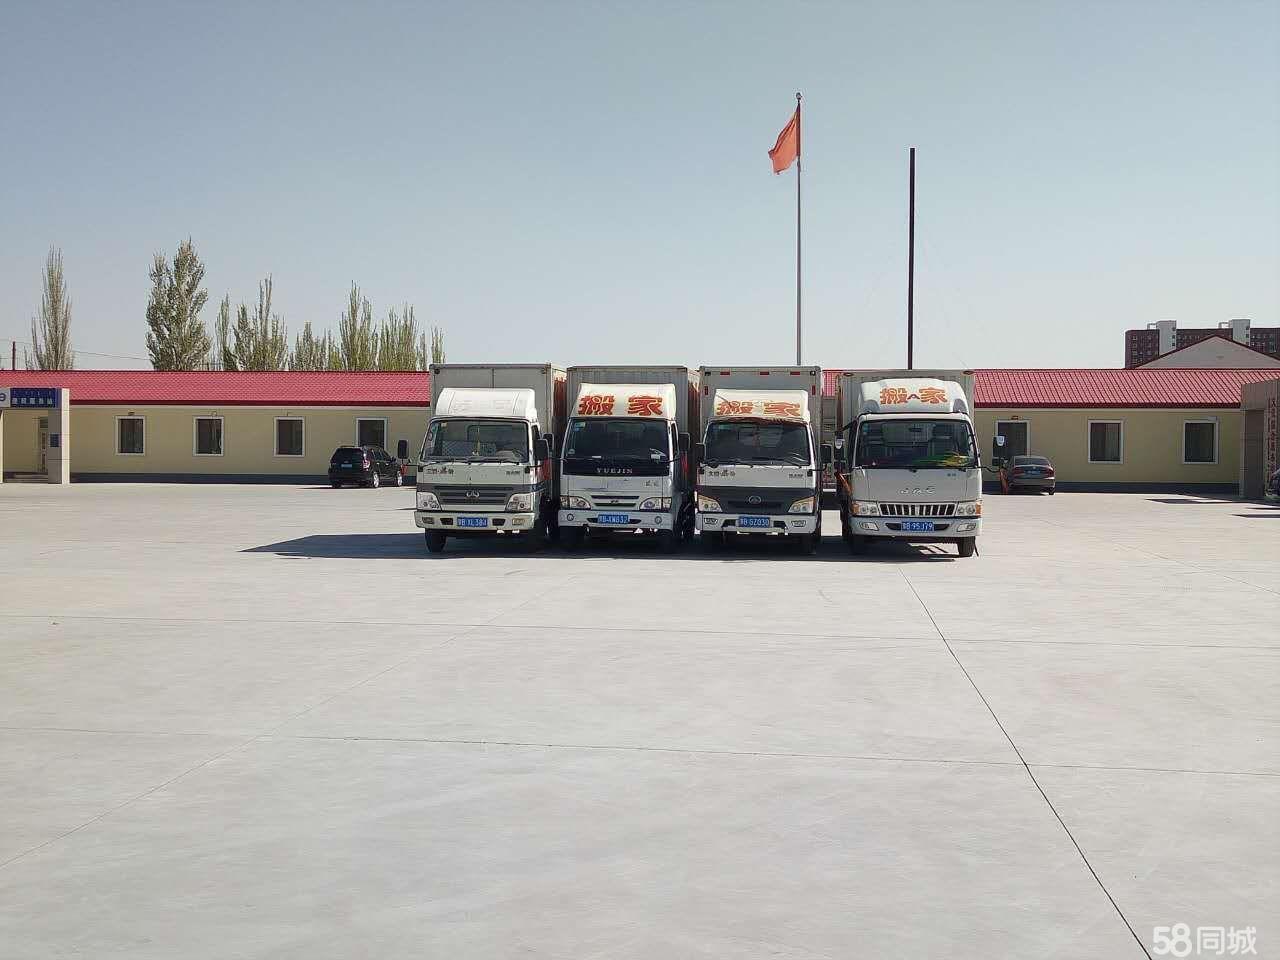 包头市利众搬家公司,专业搬家,长短途搬家,安全快捷